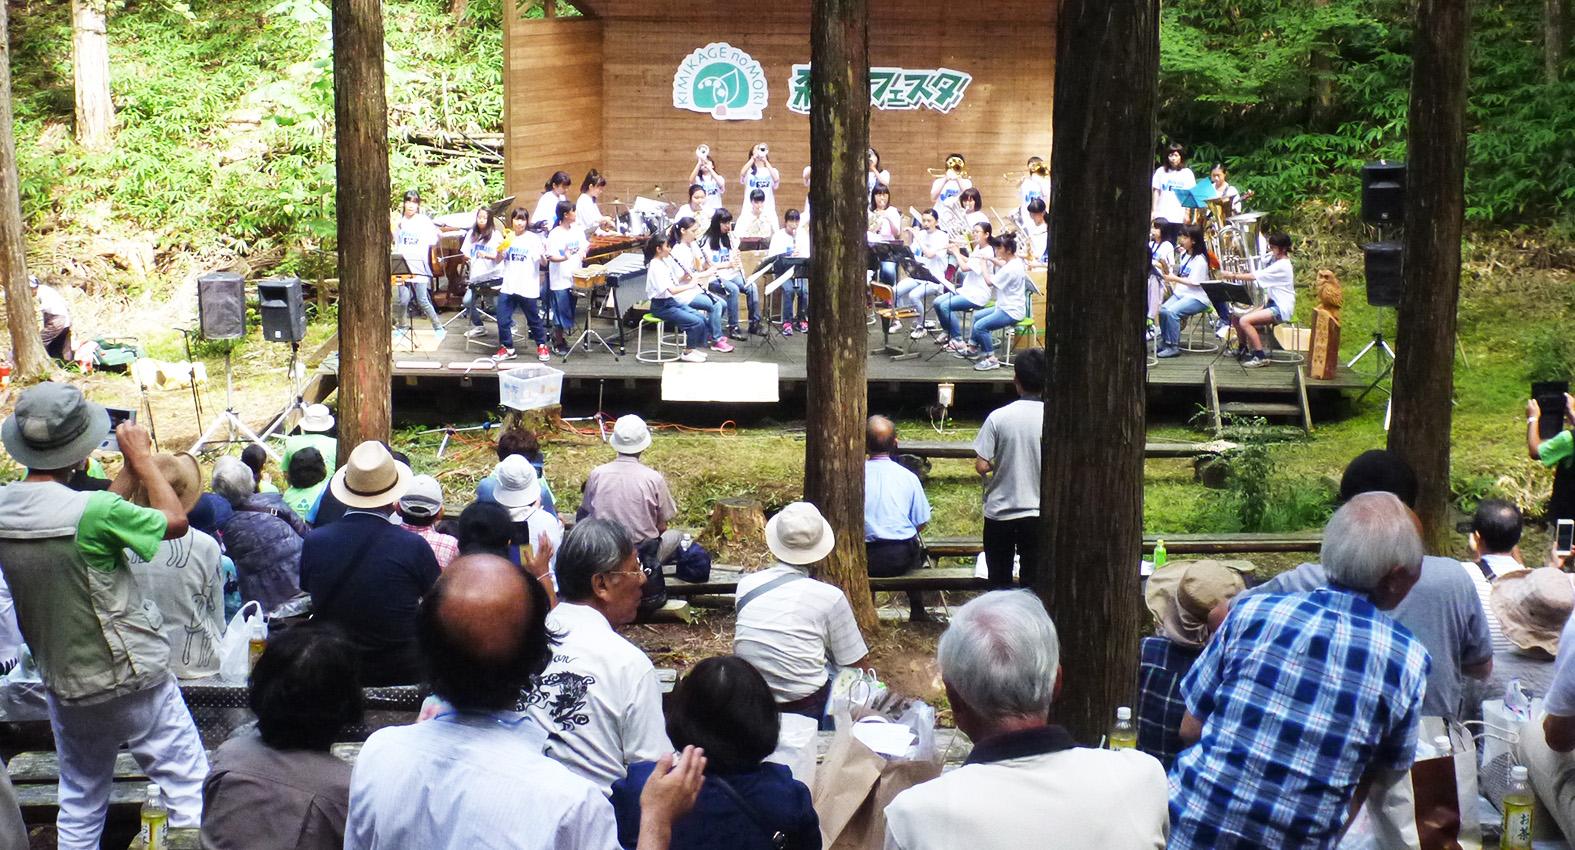 森の中に作ったステージで、さまざまな演奏が行われ、多くの人が集まった=2017年8月、奈良市(きみかげの森提供)